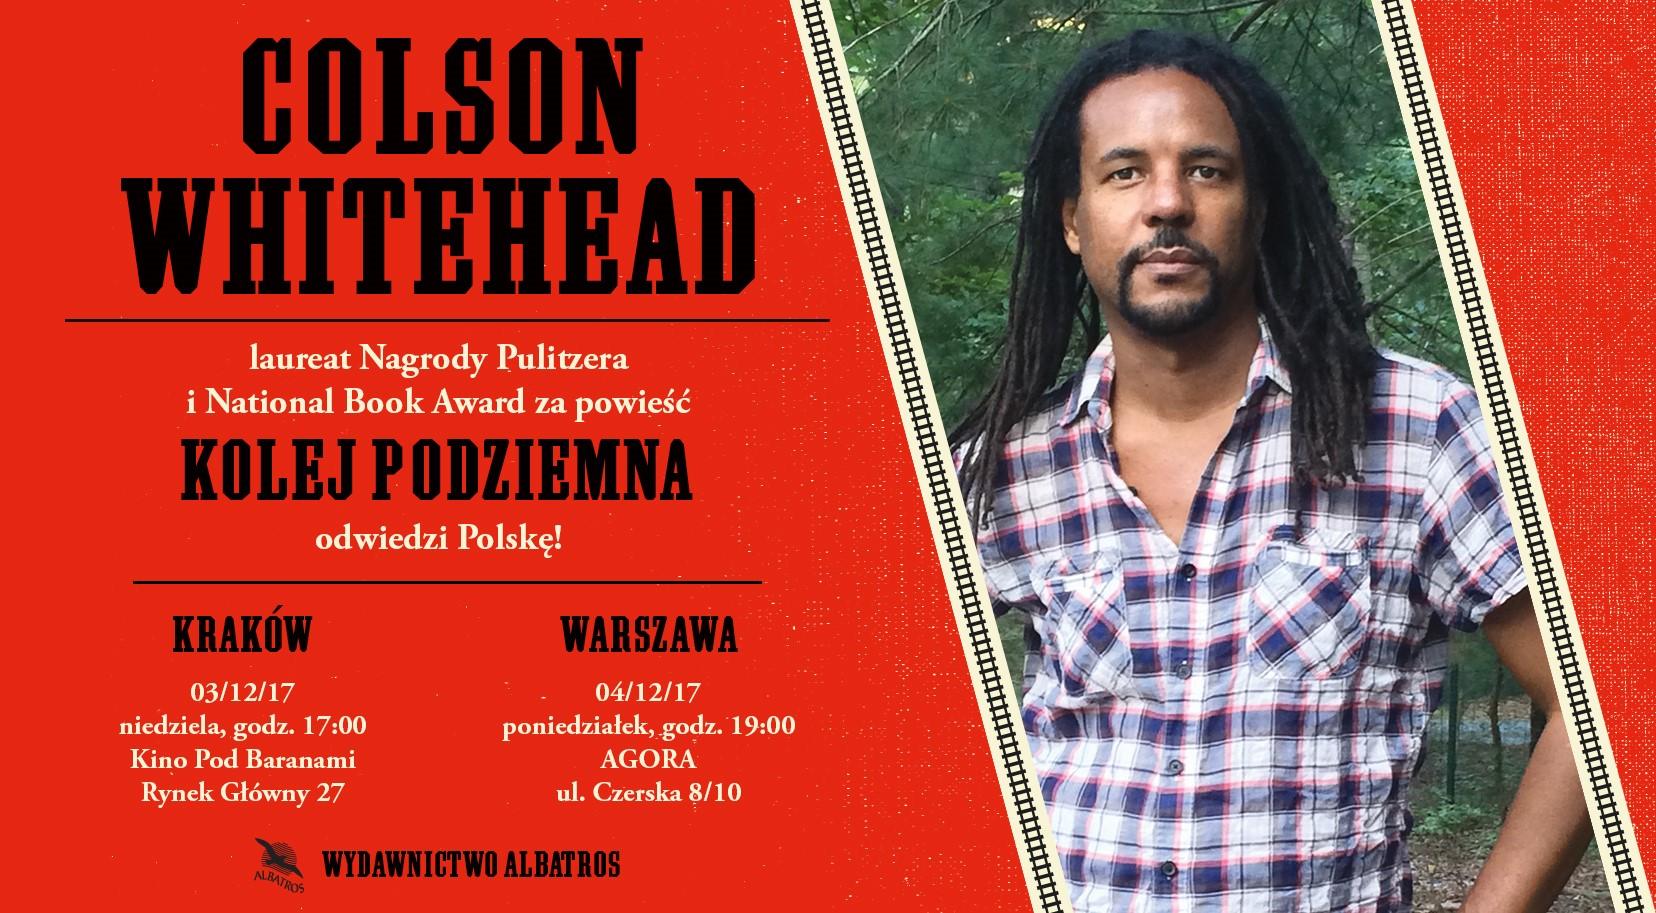 colson-whitehead-autor-powiesci-kolej-podziemna-odwiedza-polske-grudniu-grafik-spotkan